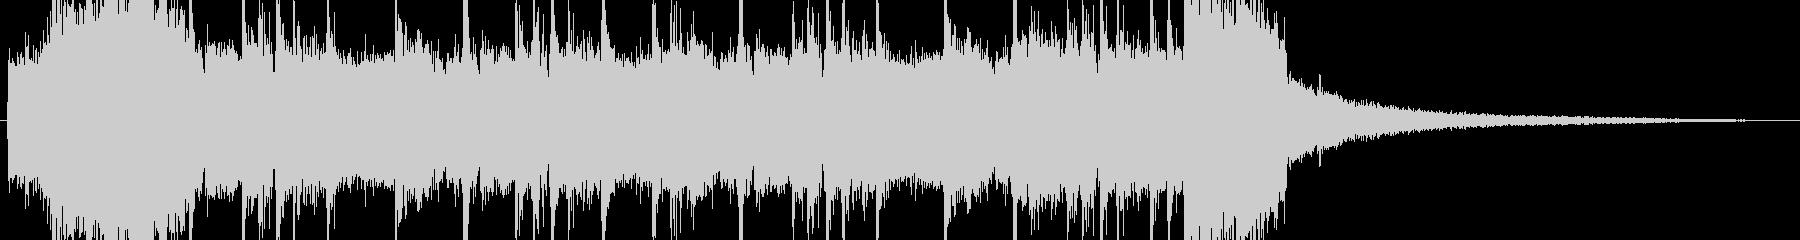 バトルシーン・ギターロックの未再生の波形